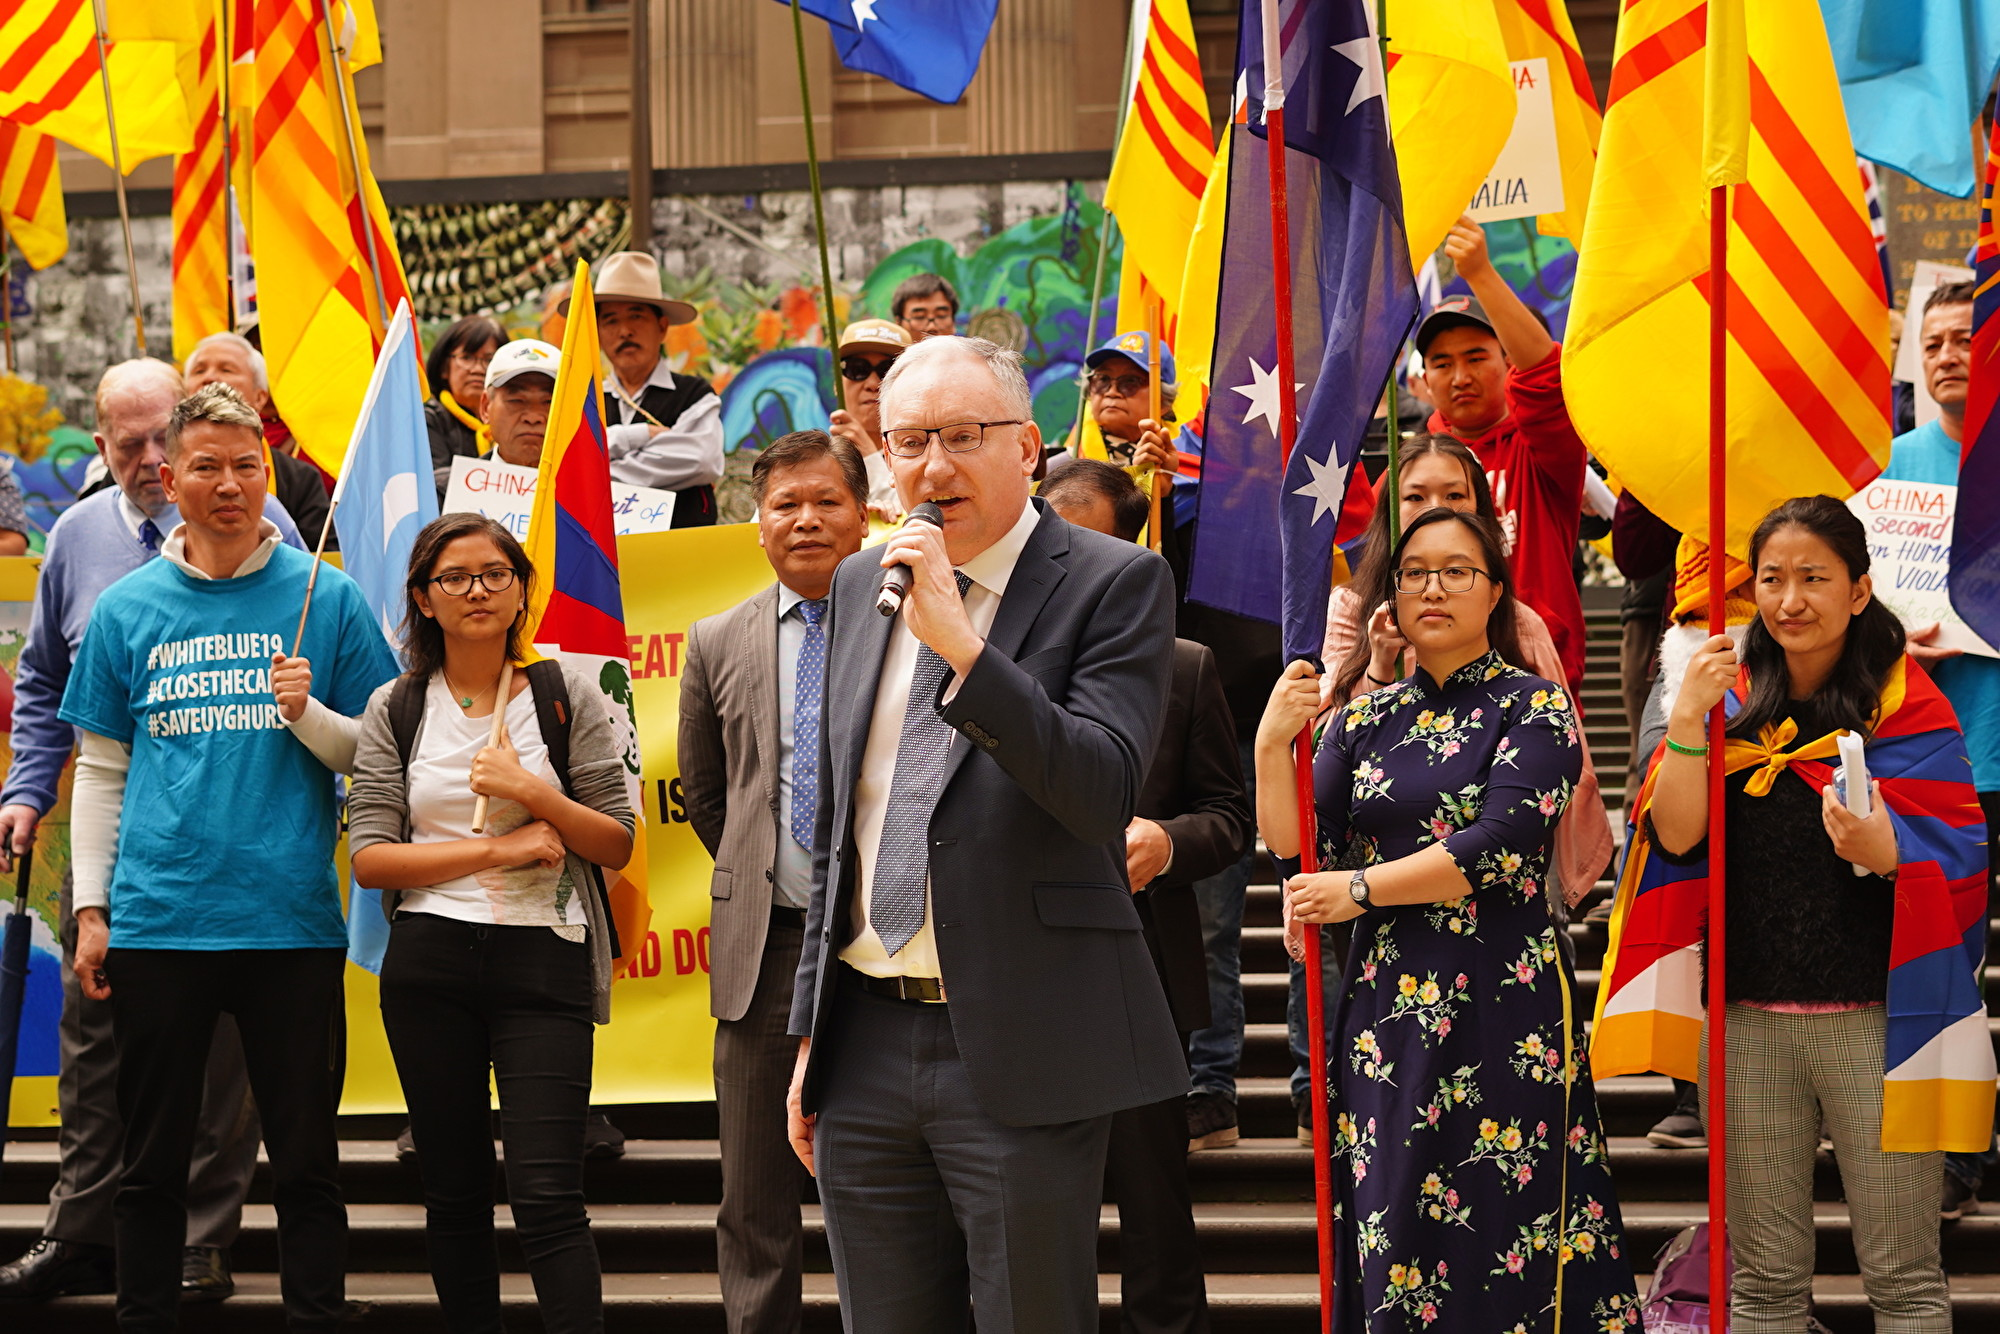 澳洲自由民主党(Liberal Democratic Party)议员David Limbrick(Peter Li/大纪元)